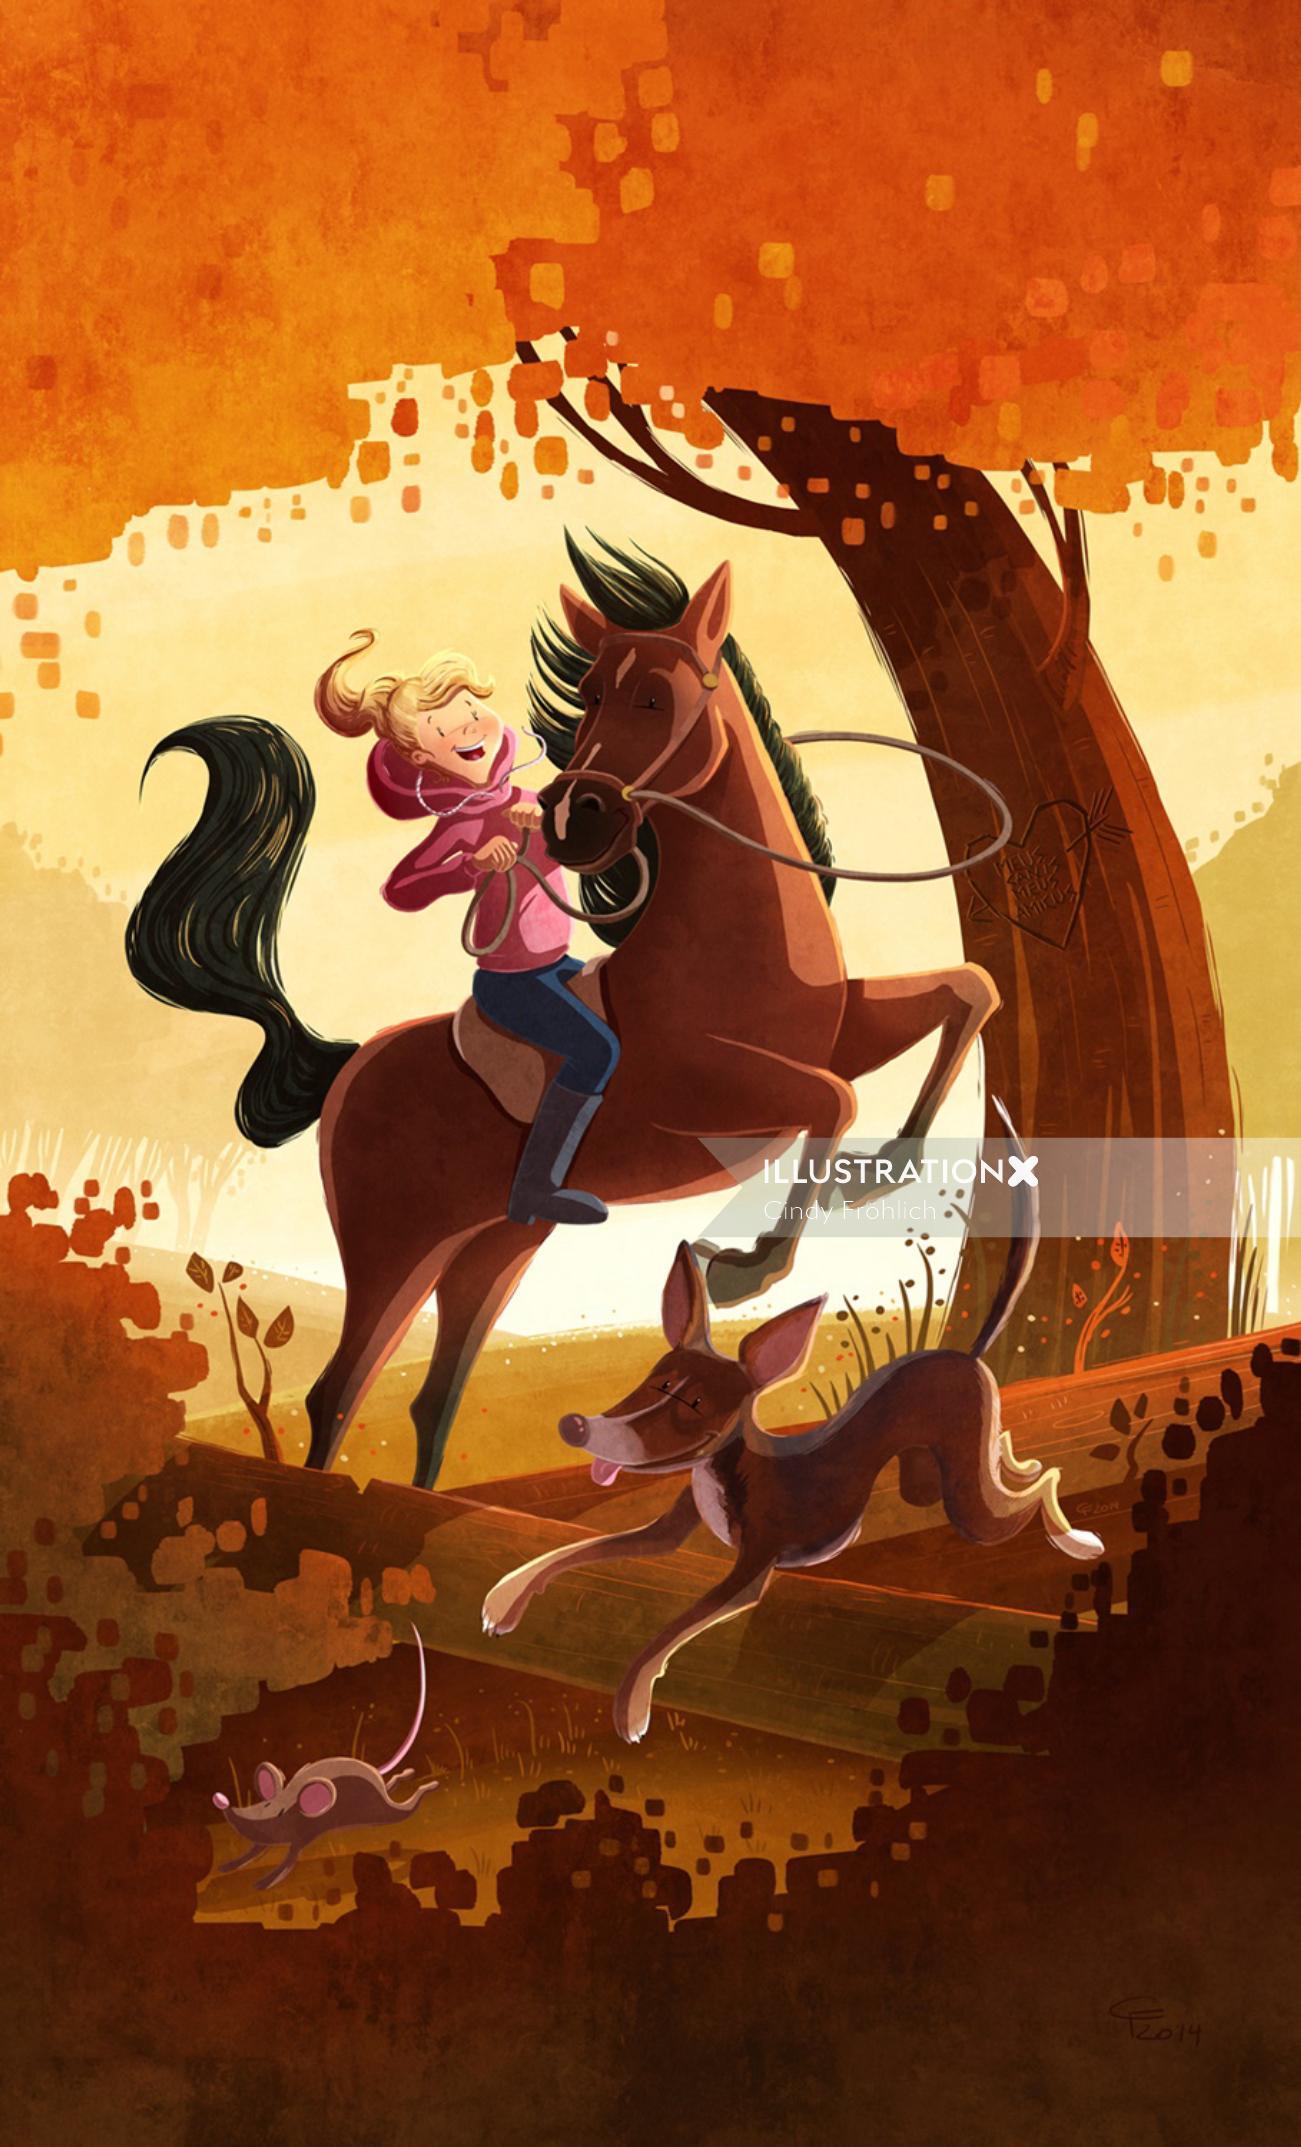 children illustration girl riding horse